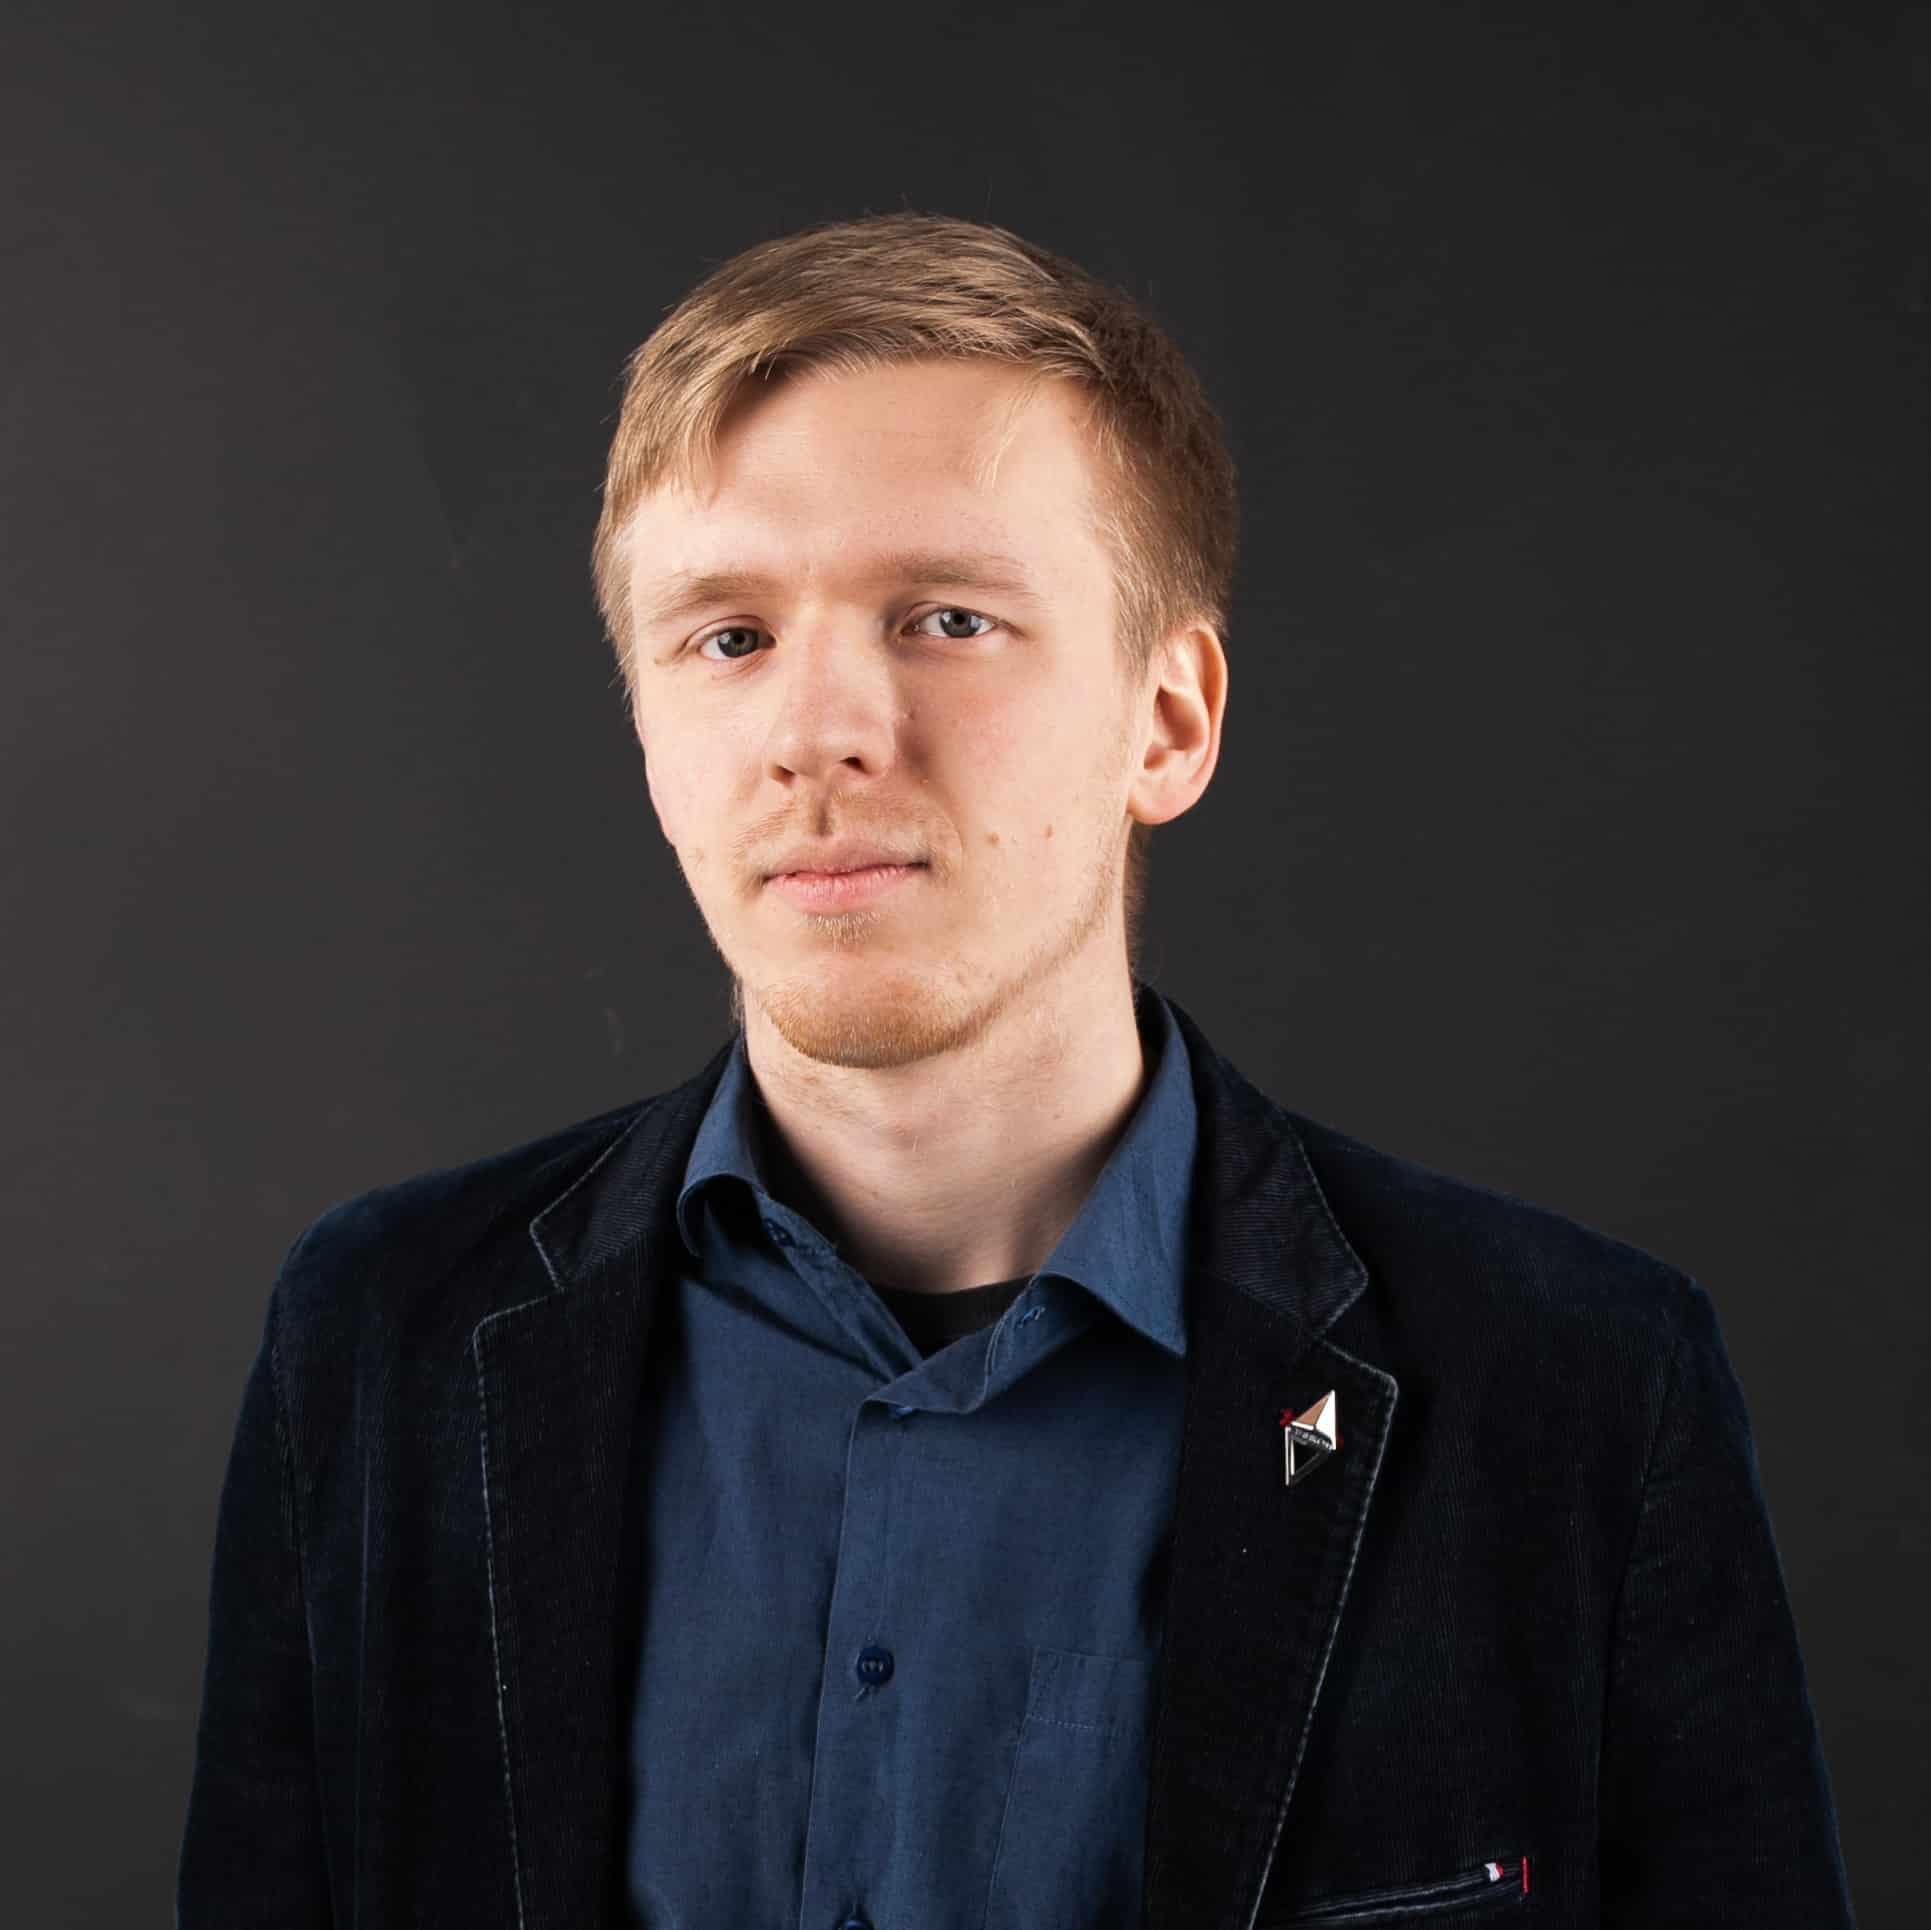 Доровский Антон - Ведущий инженер